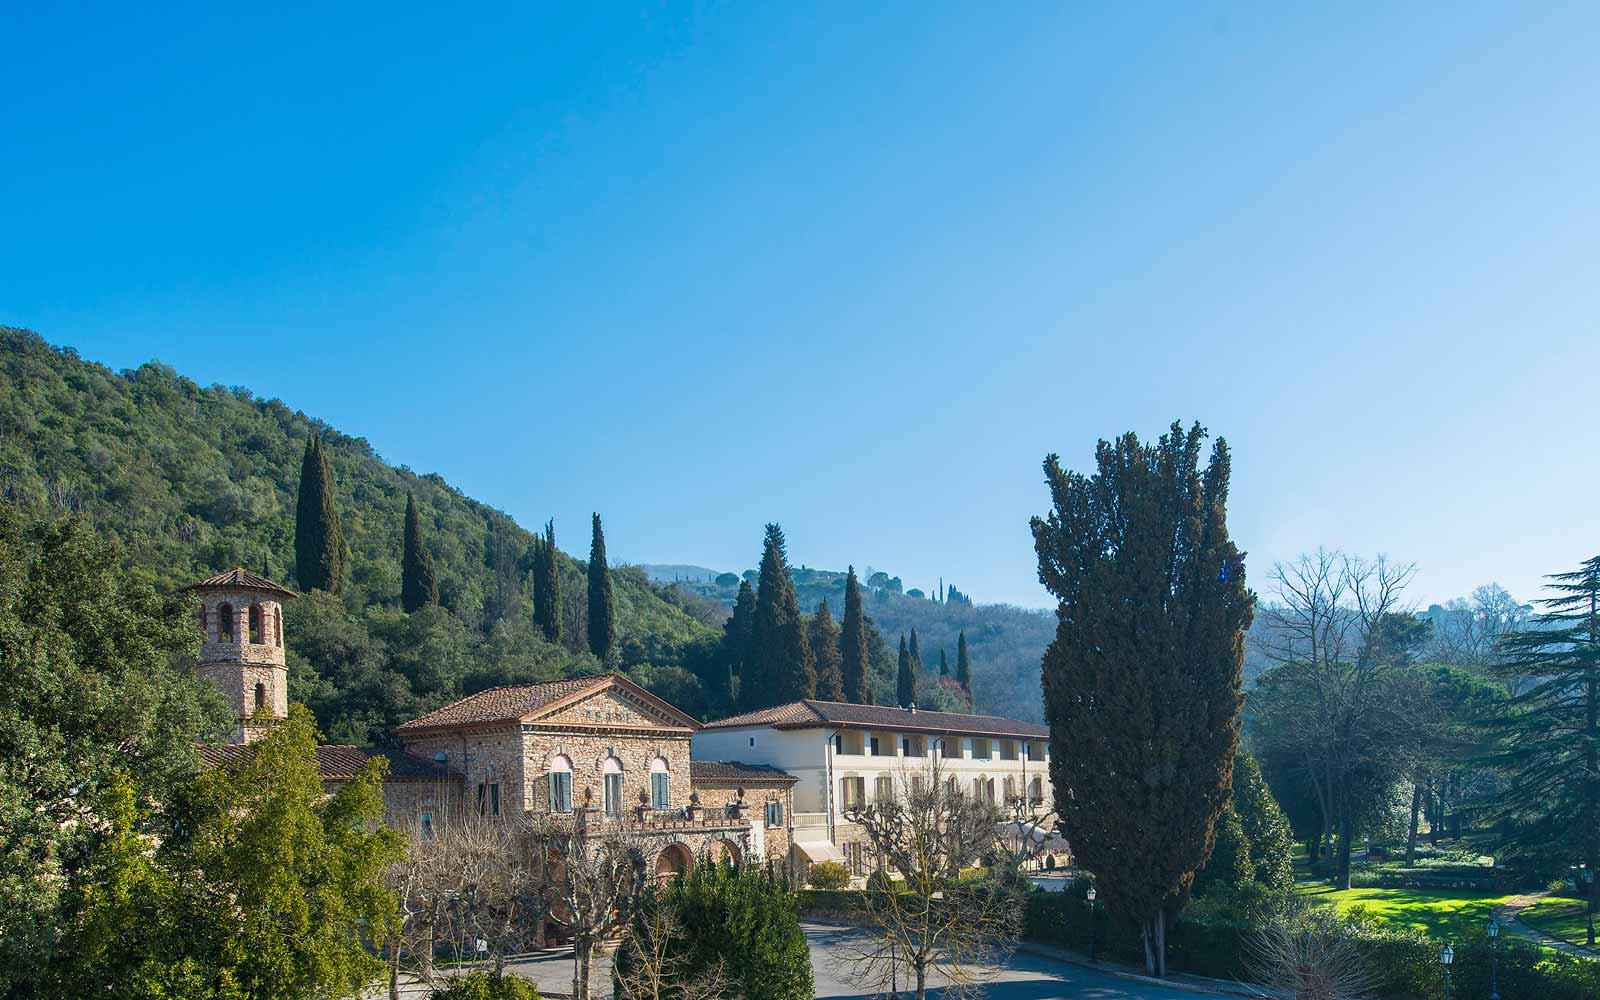 Hotel Grotta Giusti - Tuscany